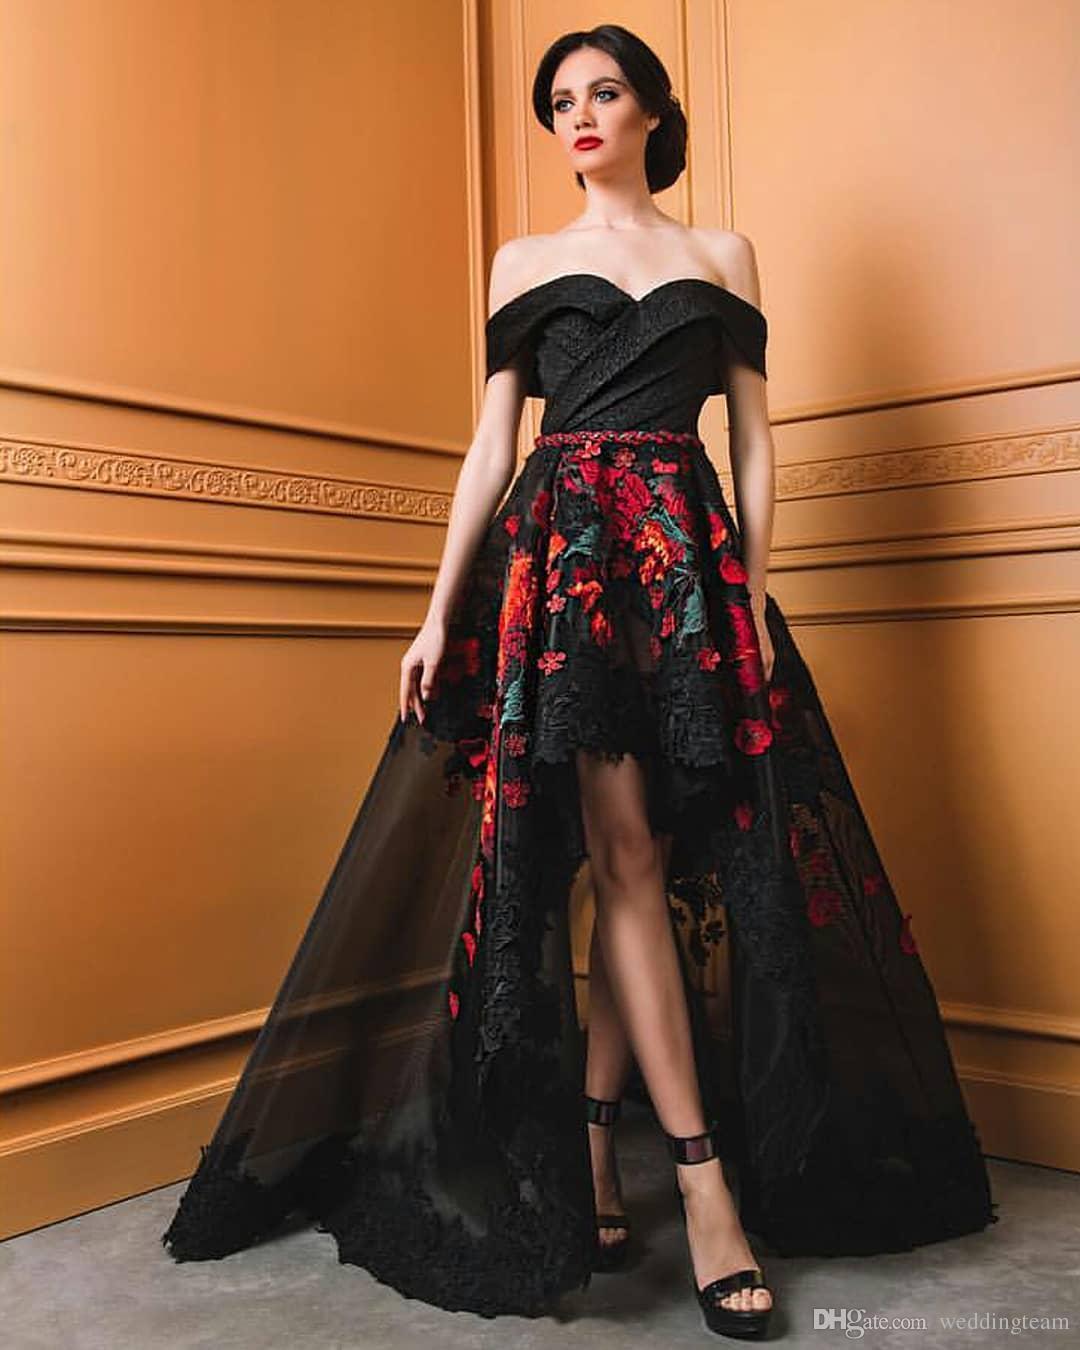 Siyah Yüksek Düşük Gelinlik Modelleri Kapalı Omuz Aplike Abiye giyim Vestidos De Fiesta A Hattı Organze Dantel Örgün Elbise